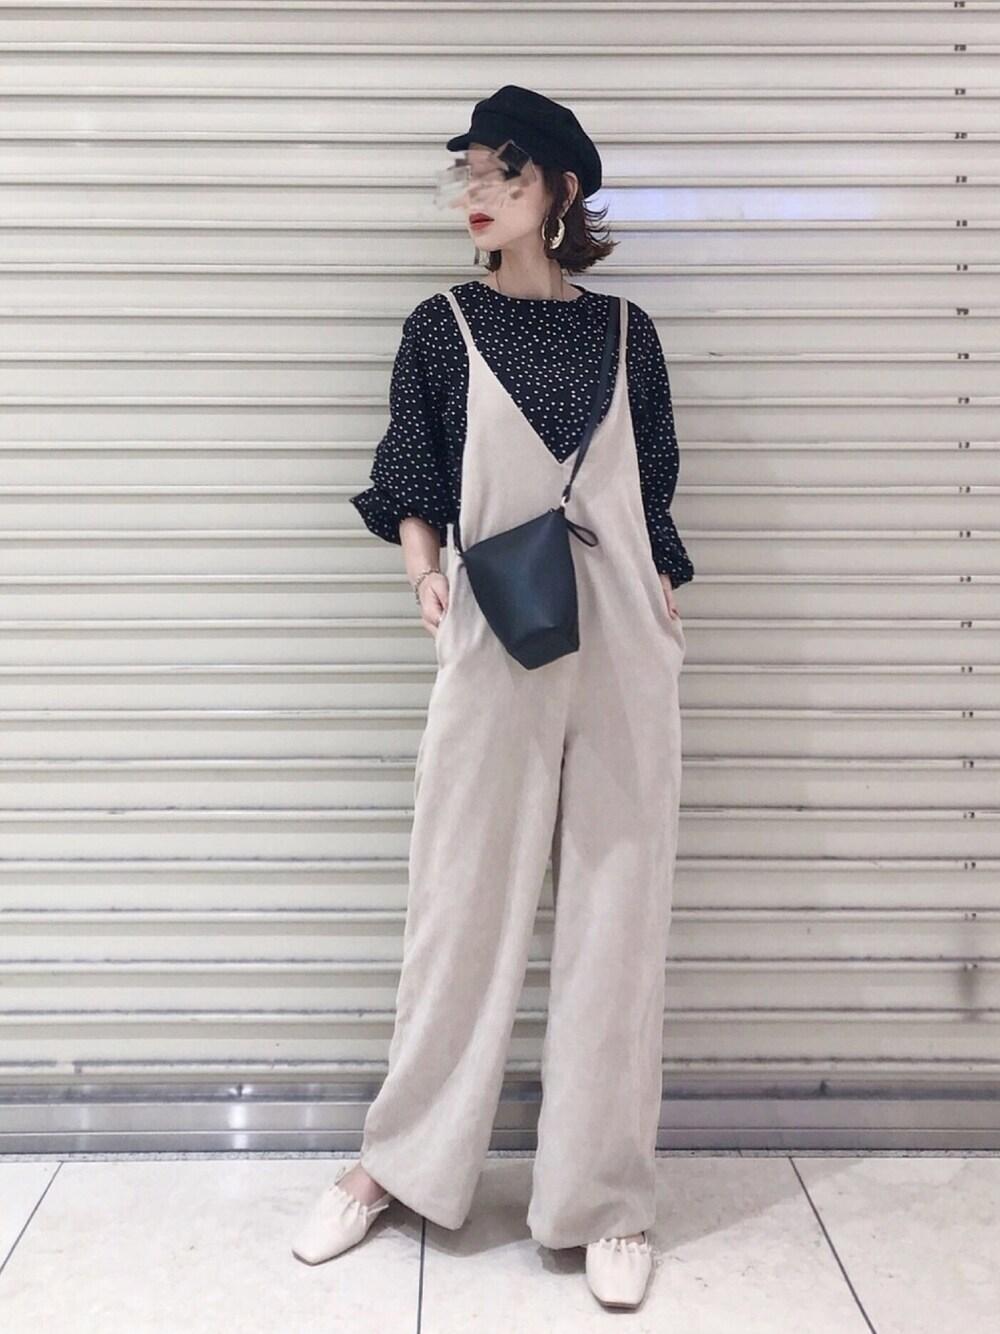 アラウンドフォーティ 服装 安い コートファッション